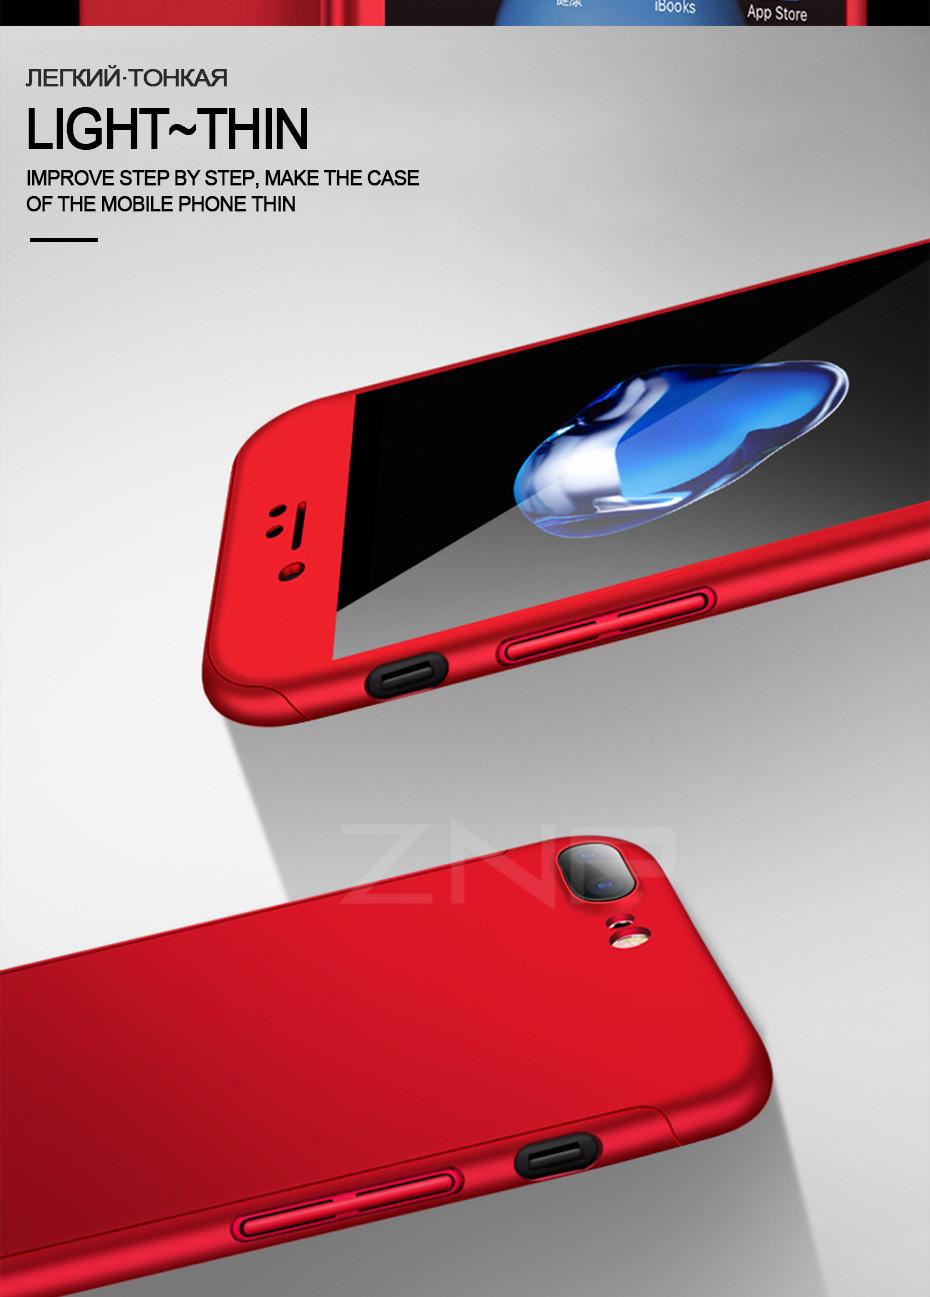 знп Роско жесткий 360 полное покрытие костюм чехол для айфона 8 7 6 плюс 6 s телефон чехлы для iPhone 6 и 6с 7 8 чехол с весы стекло